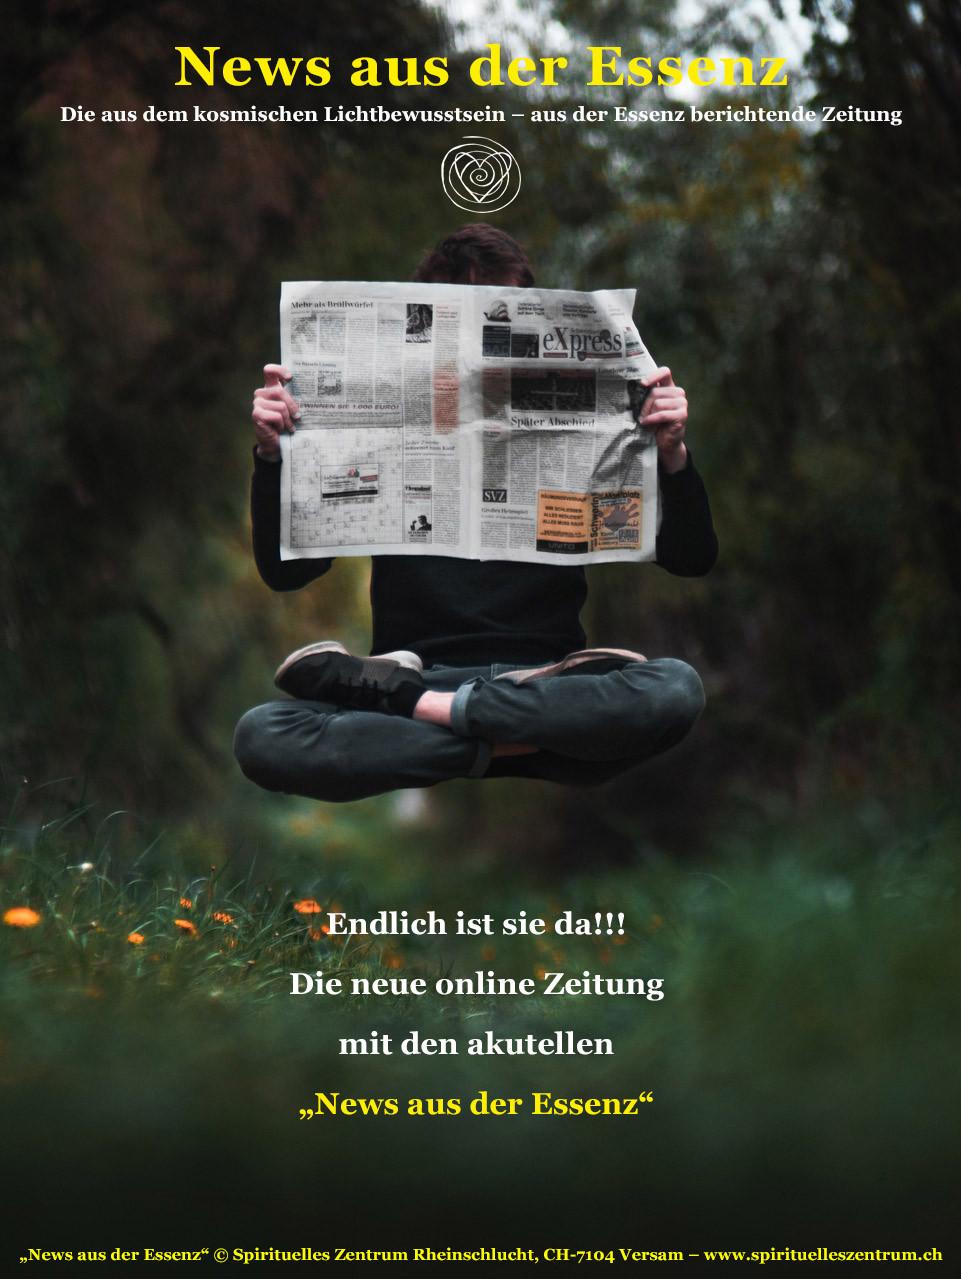 Die neue Zeitung - News aus der Essenz, ist da.